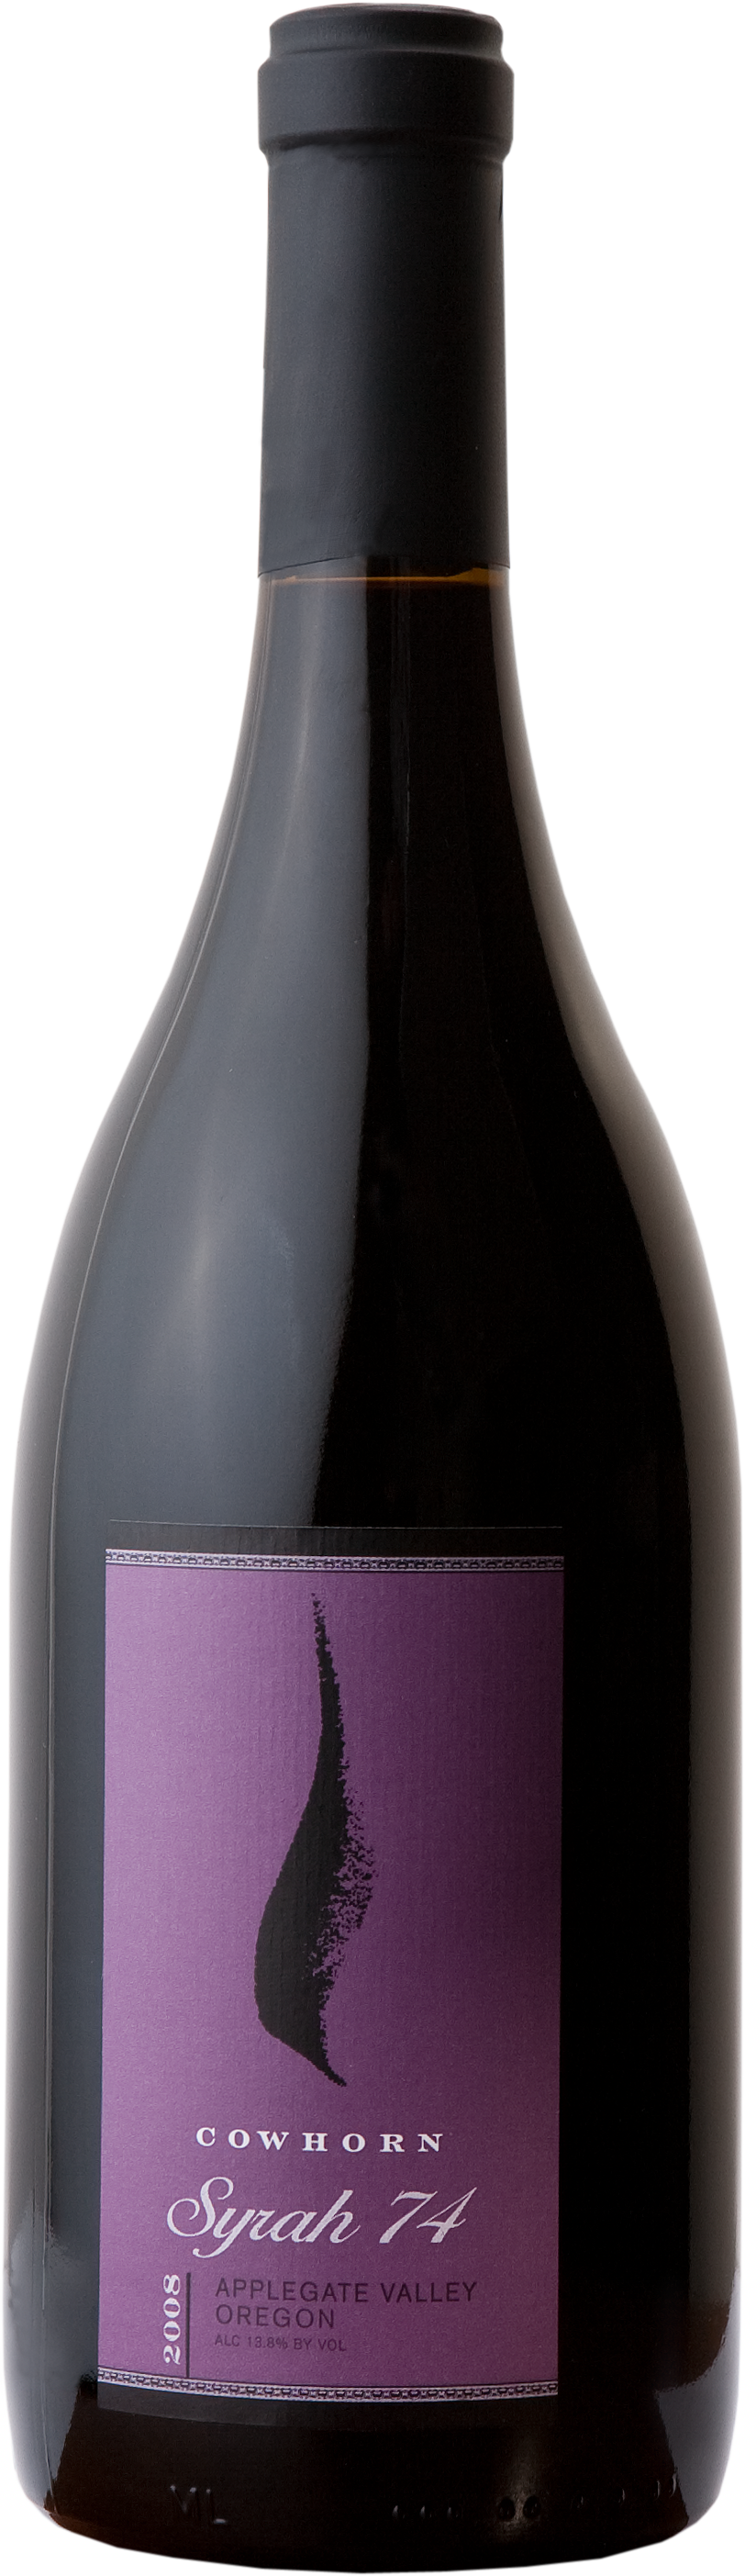 Wine Bottle PNG Image